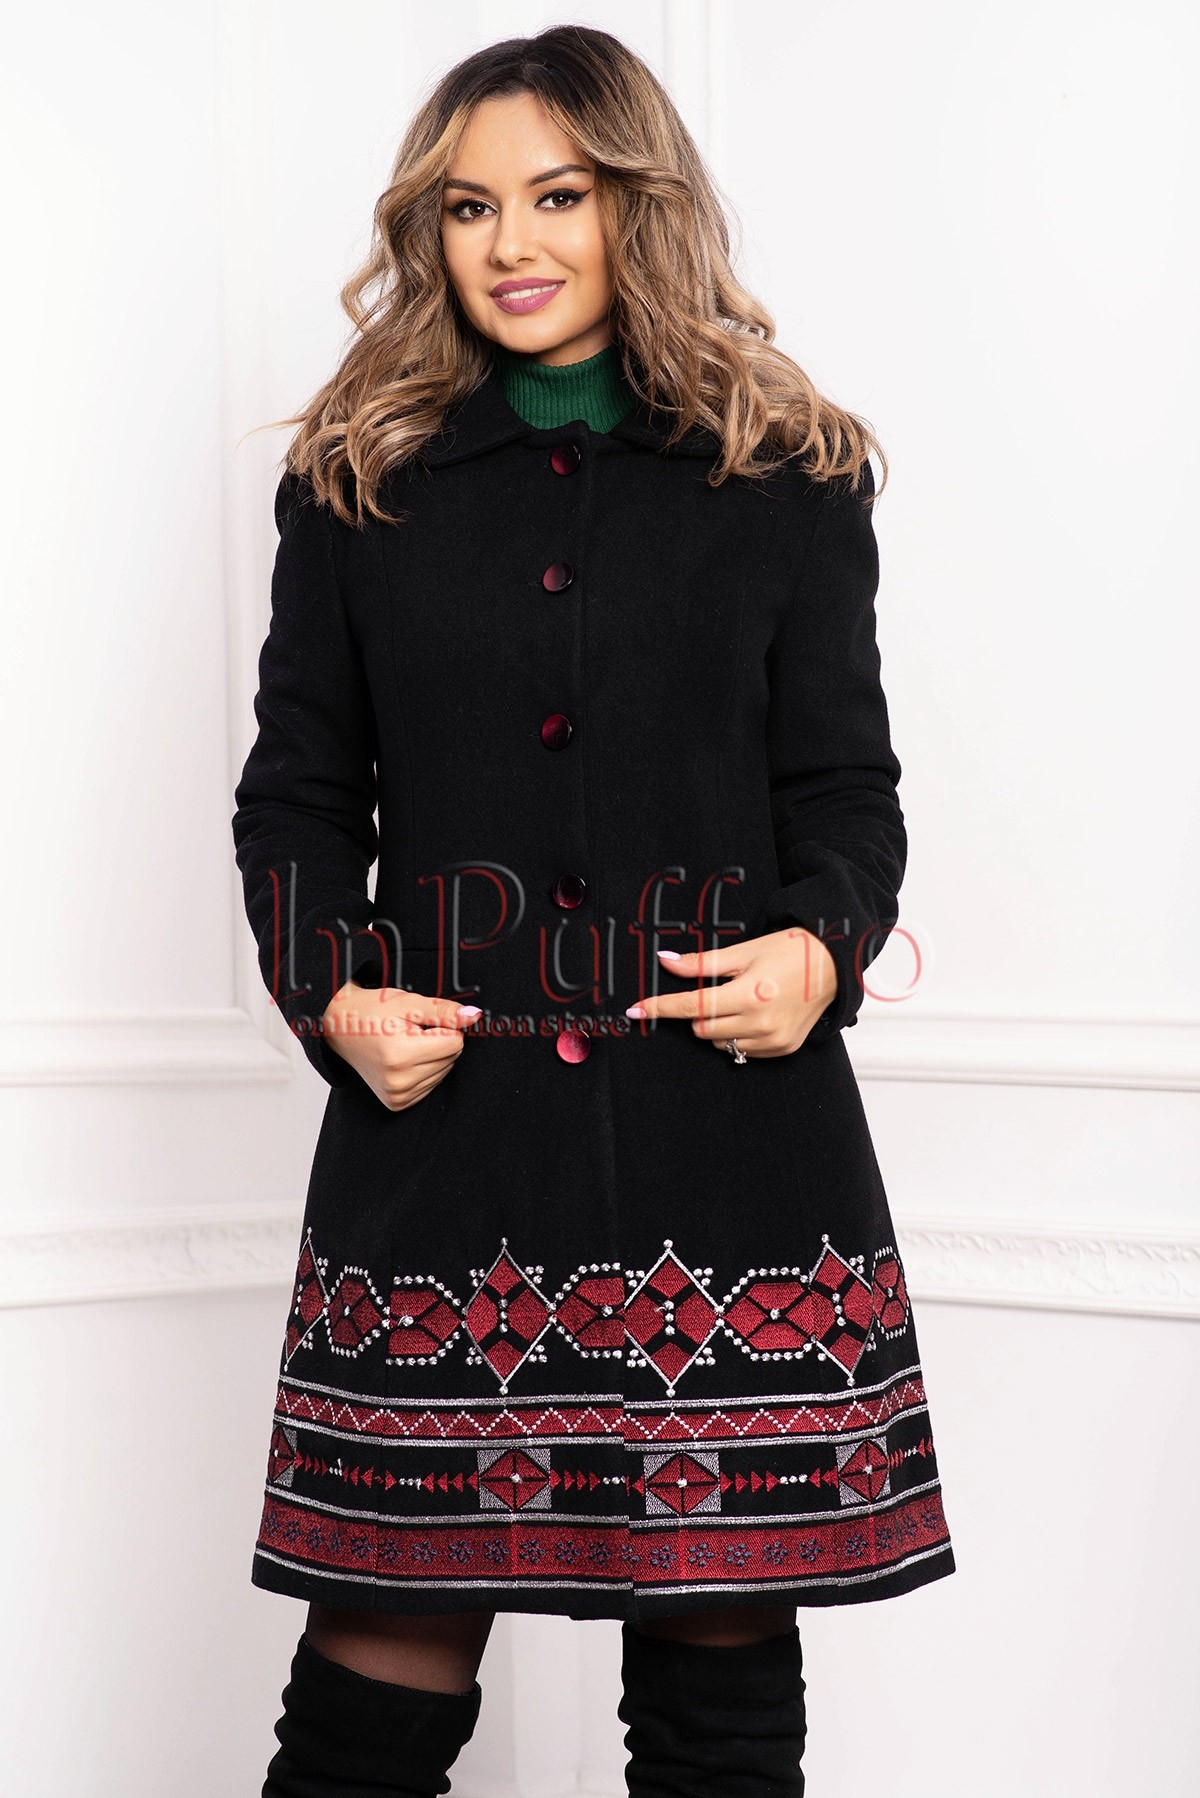 Palton dama MBG negru cu motive traditionale din lana cu buzunare laterale